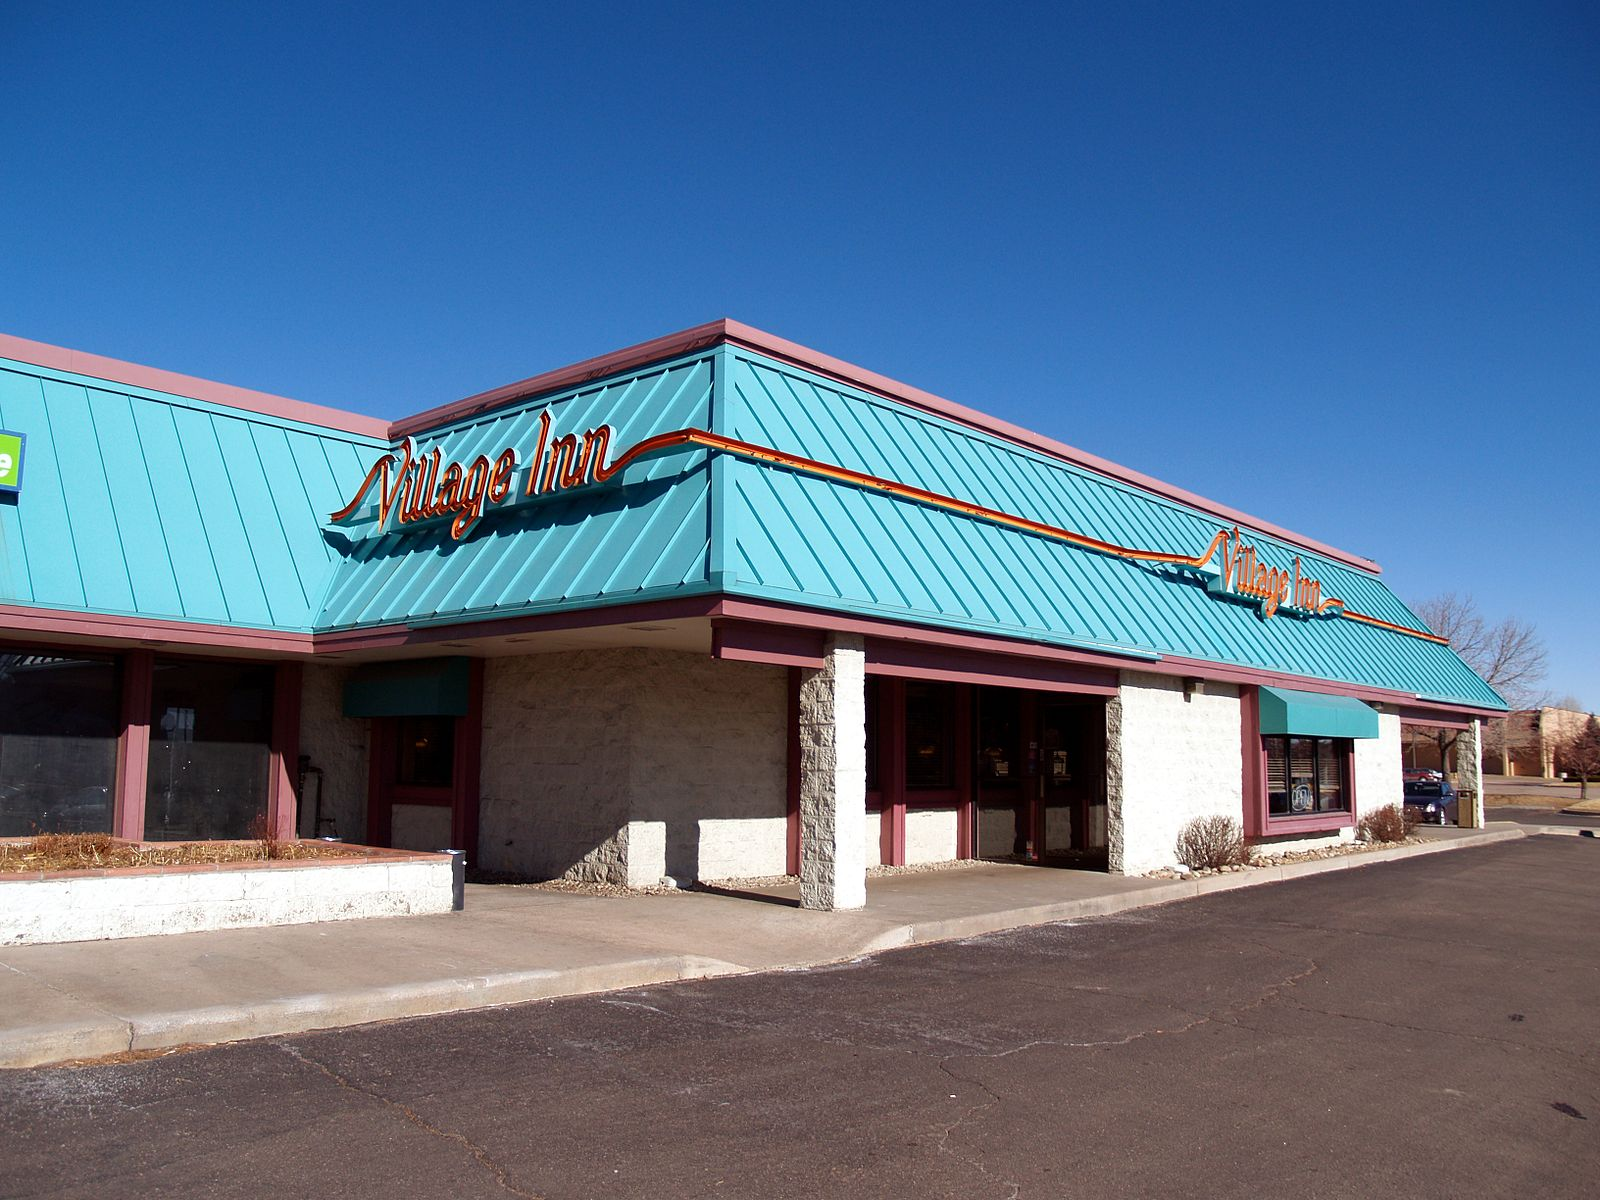 Village Inn restaurant